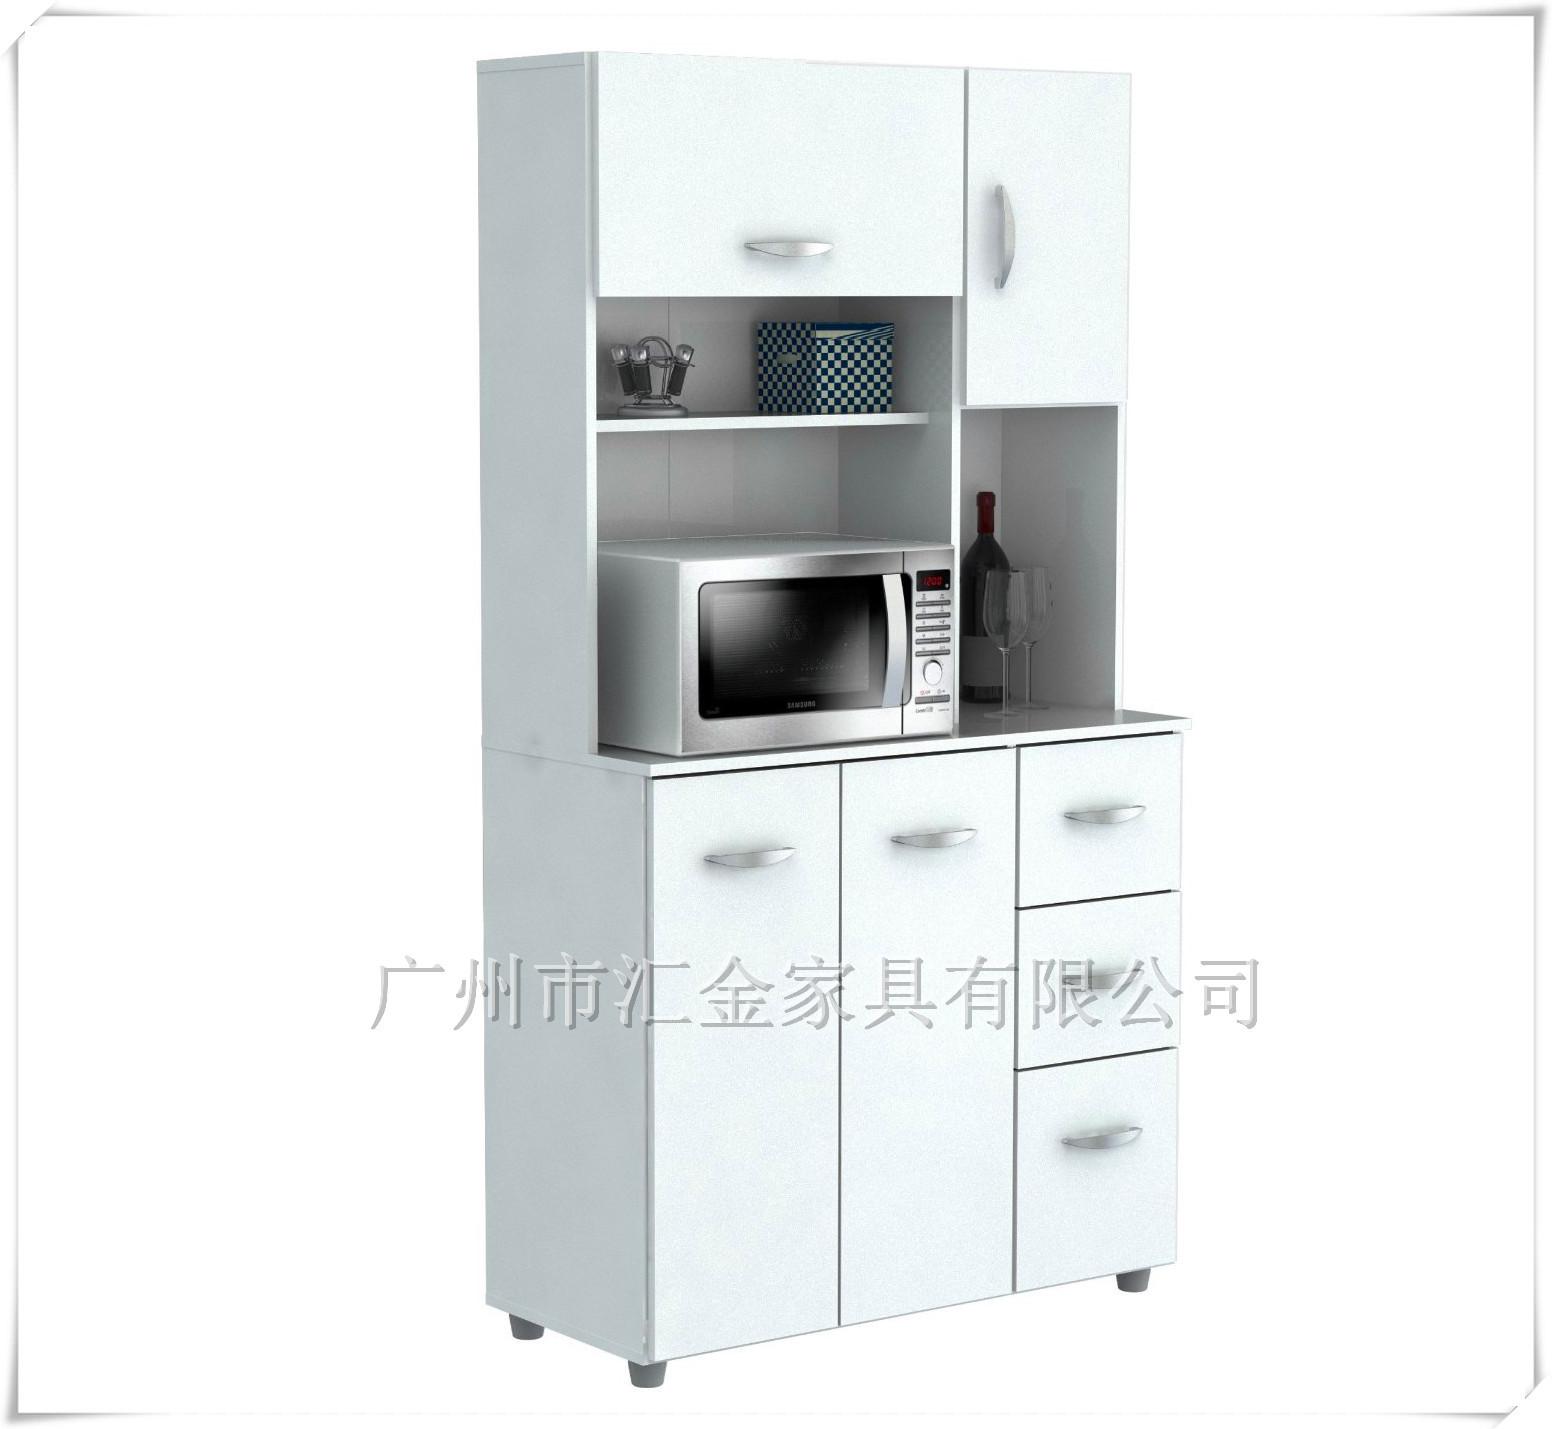 新品推荐 www.35222.com时尚简约可收纳可储物餐具 带柜门大容量餐柜储物柜